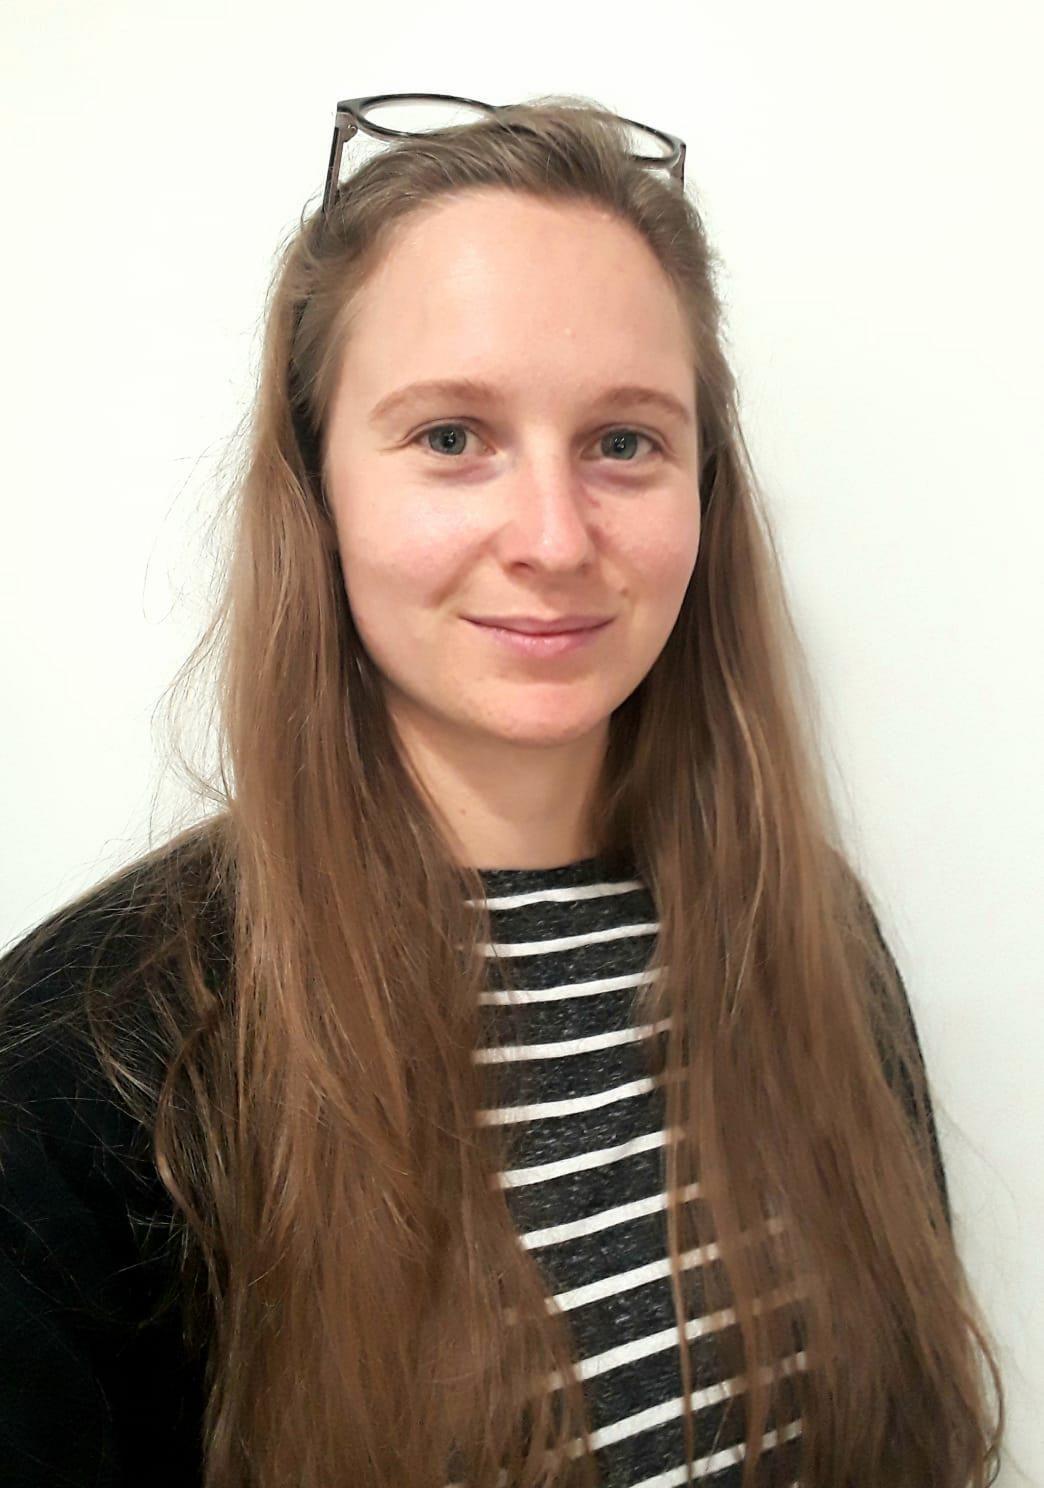 Elise Delgrange